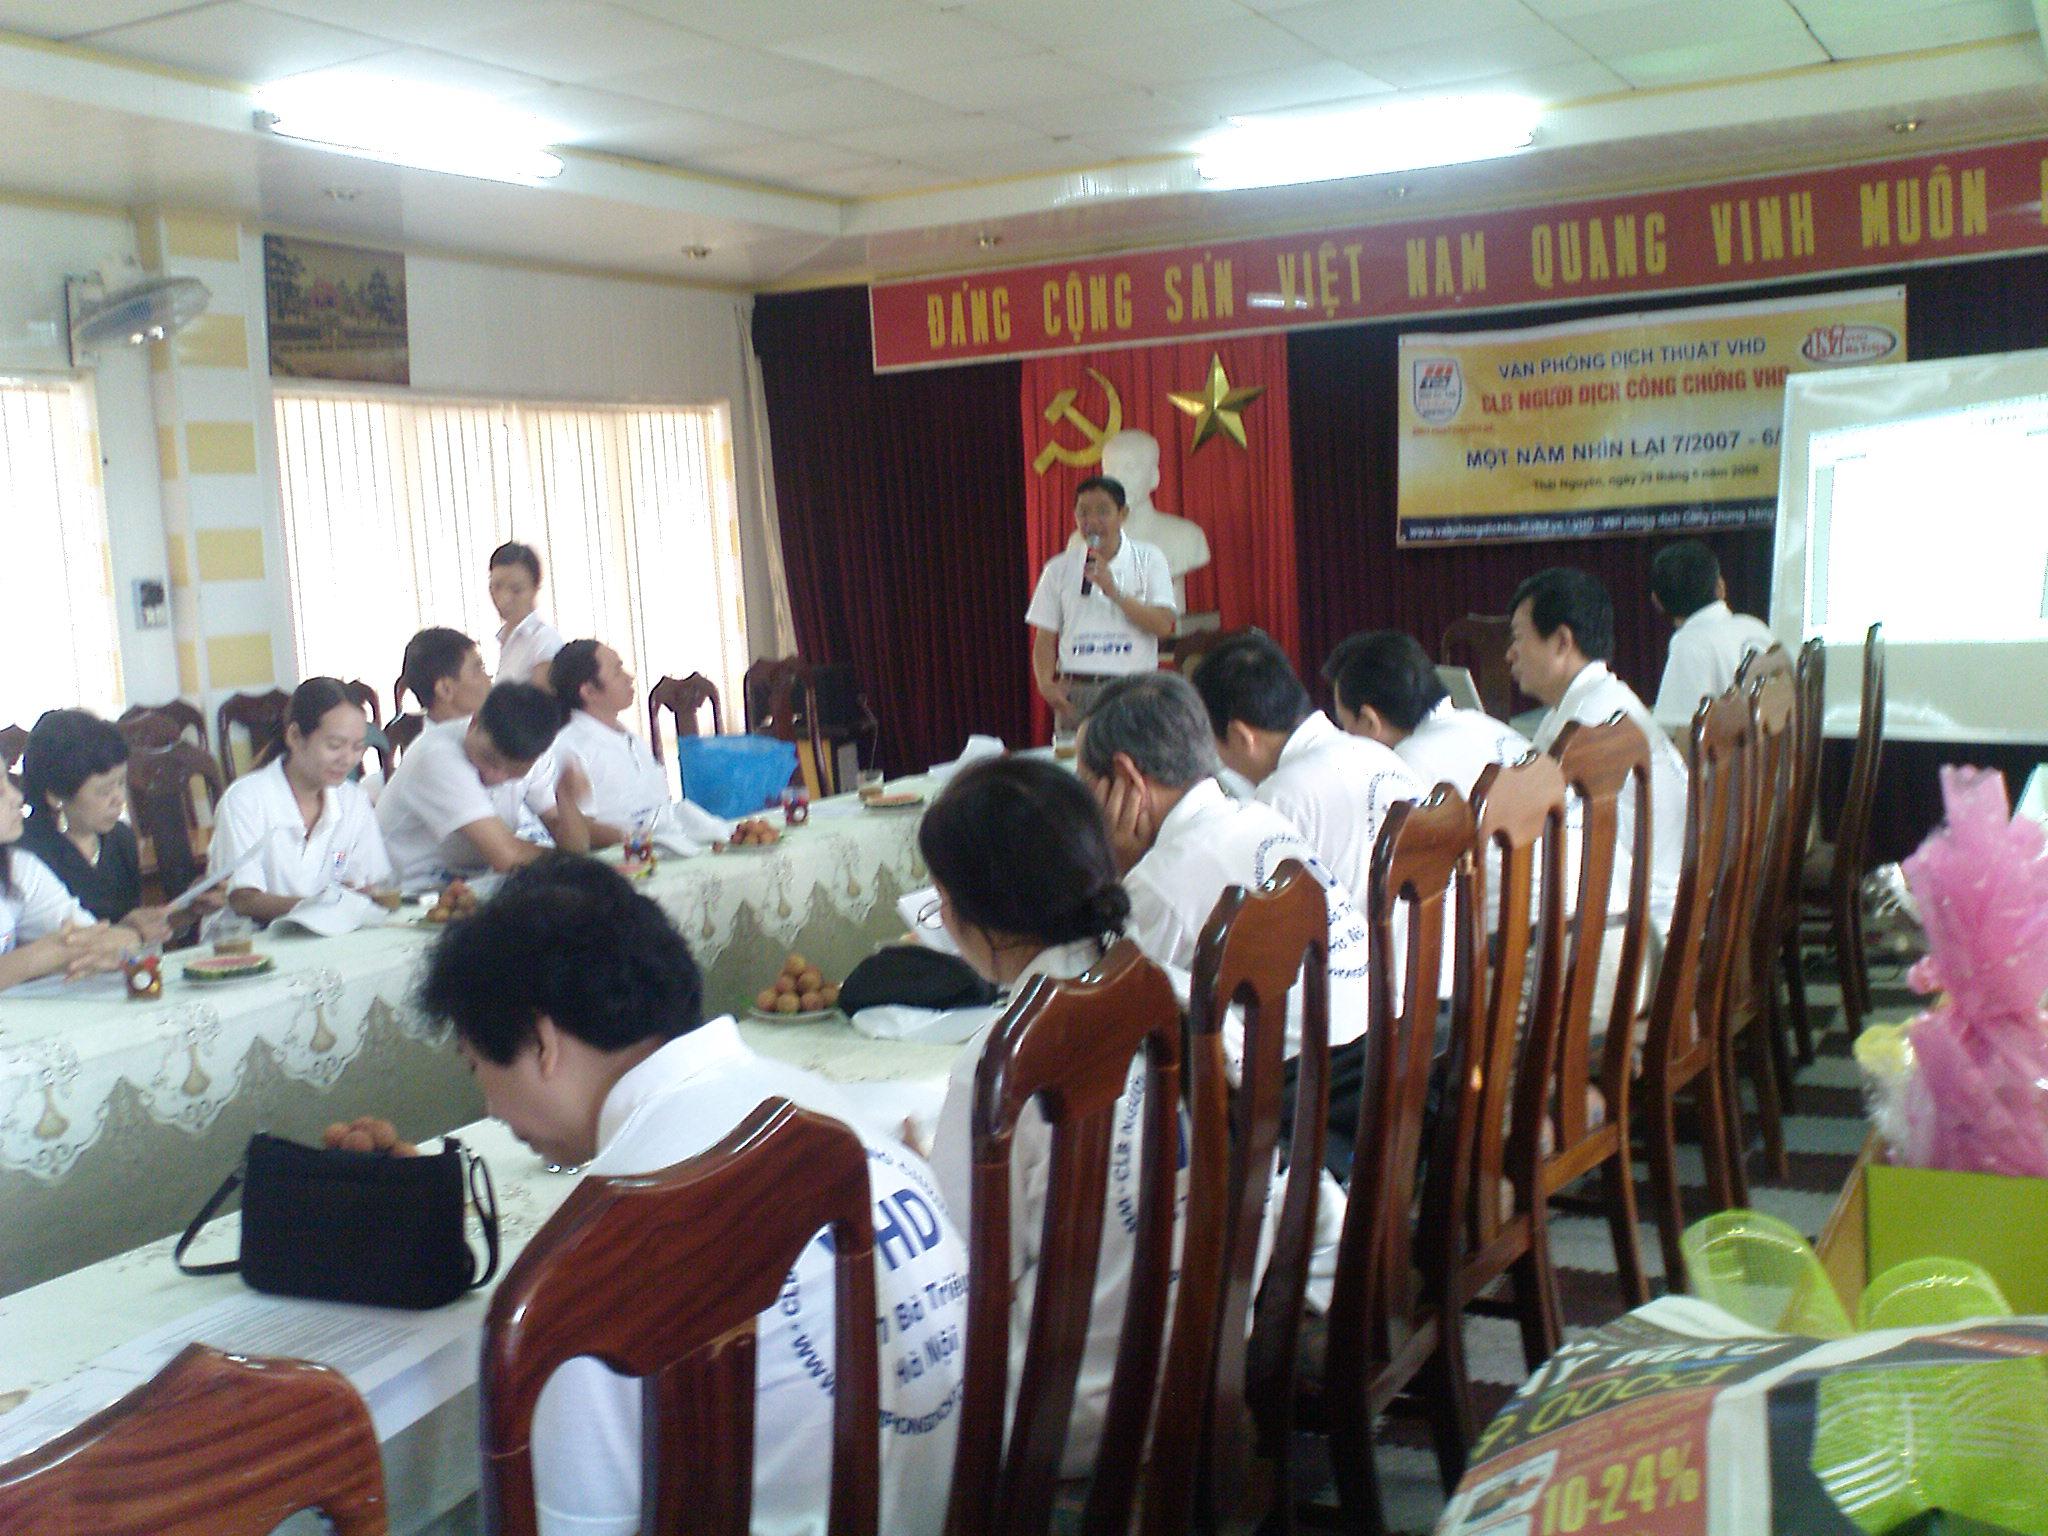 Nôi-dịch-công-chứng-của-thủ-đô-Hà-Nội Dịch thuật công chứng tiếng Lào dịch thuật công chứng uy tín chất lượng VHD Hà Nội